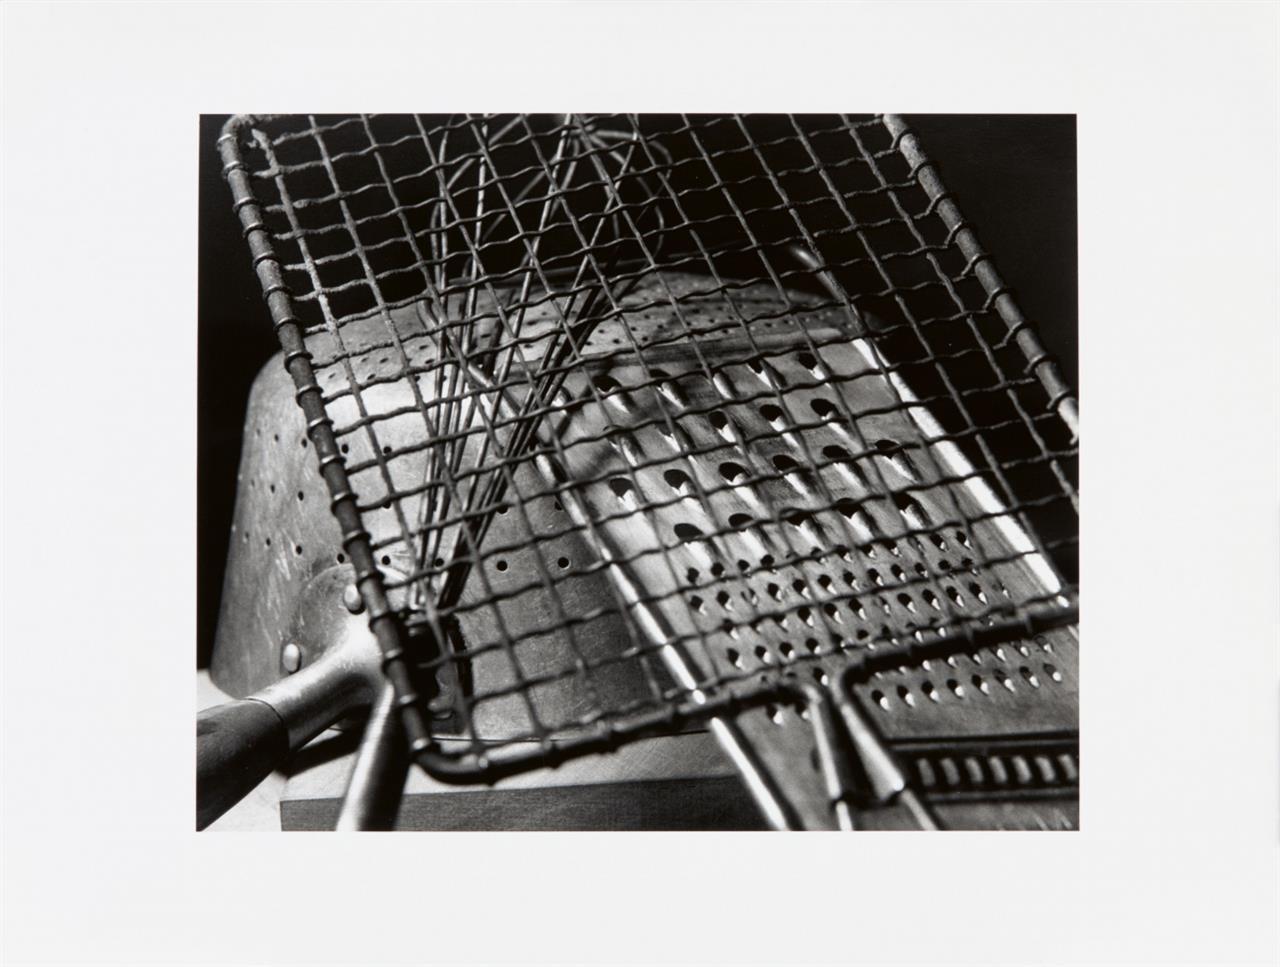 Raoul Hausmann. Komplette Serie von 6 Blatt Fotografien. 1990. Griffelkunst 258 C1-6.